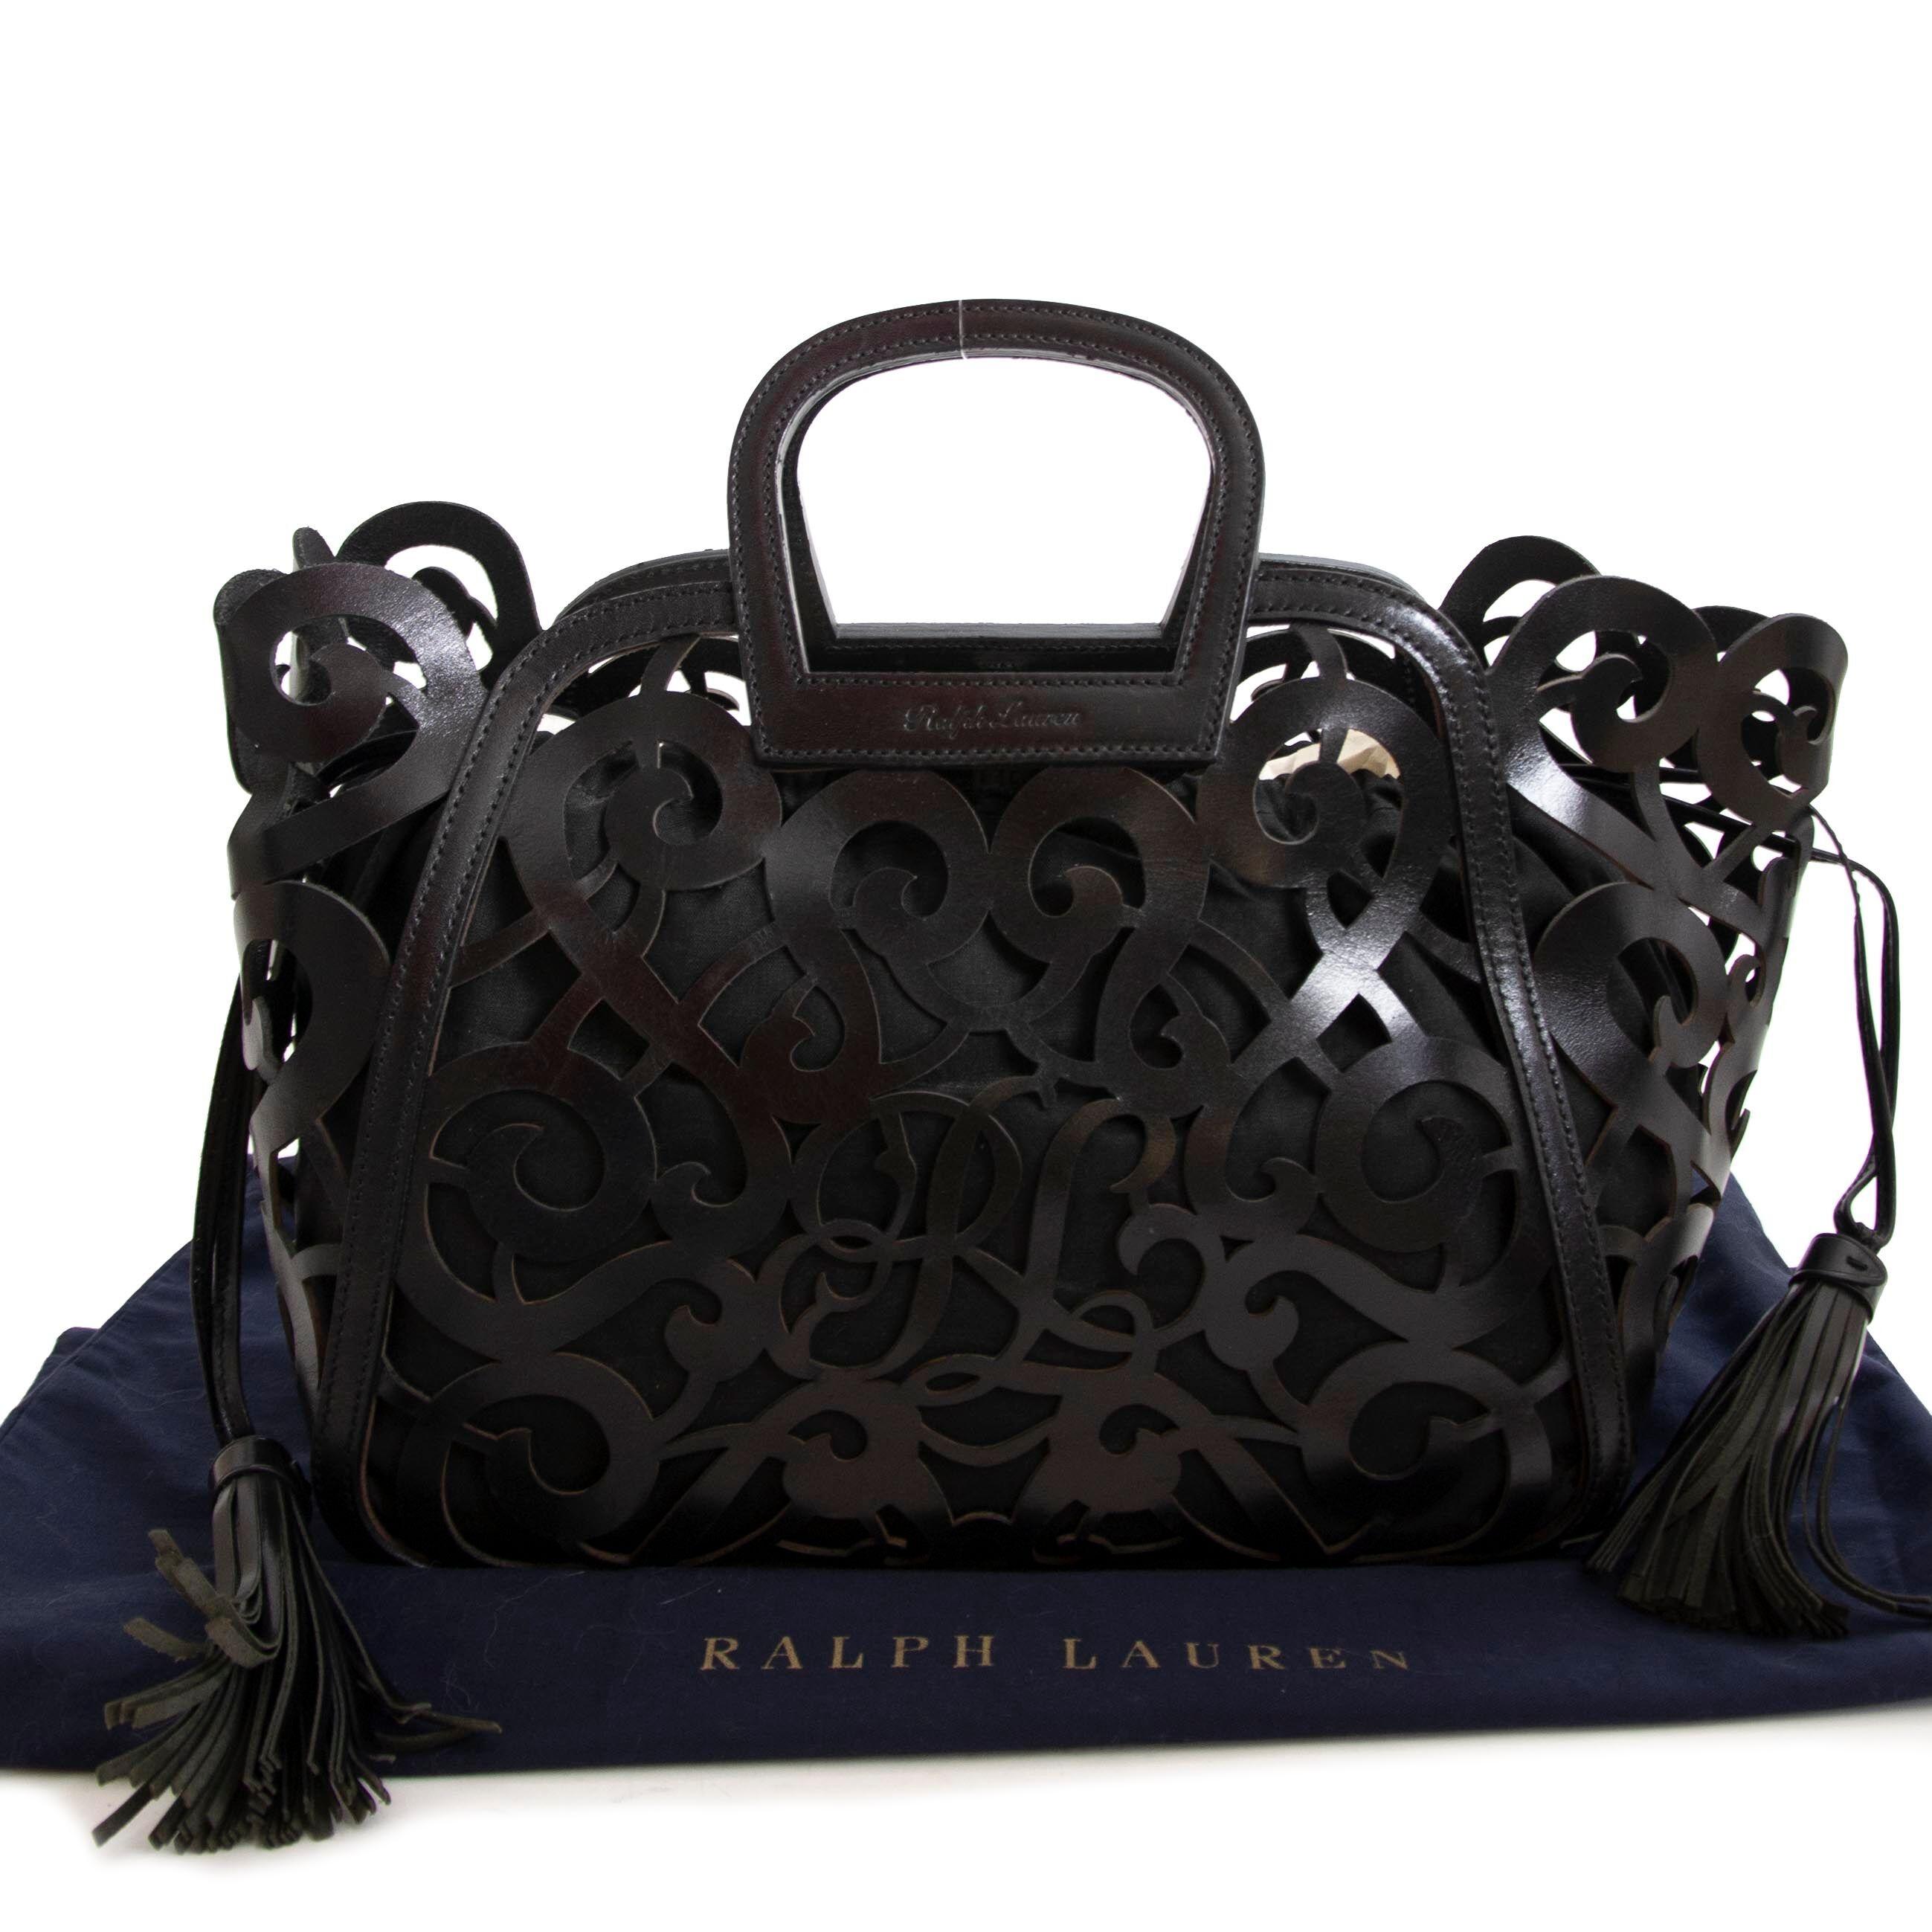 Koop authentieke tweedehands Ralph Lauren tassen met juiste prijs bij LabelLOV.